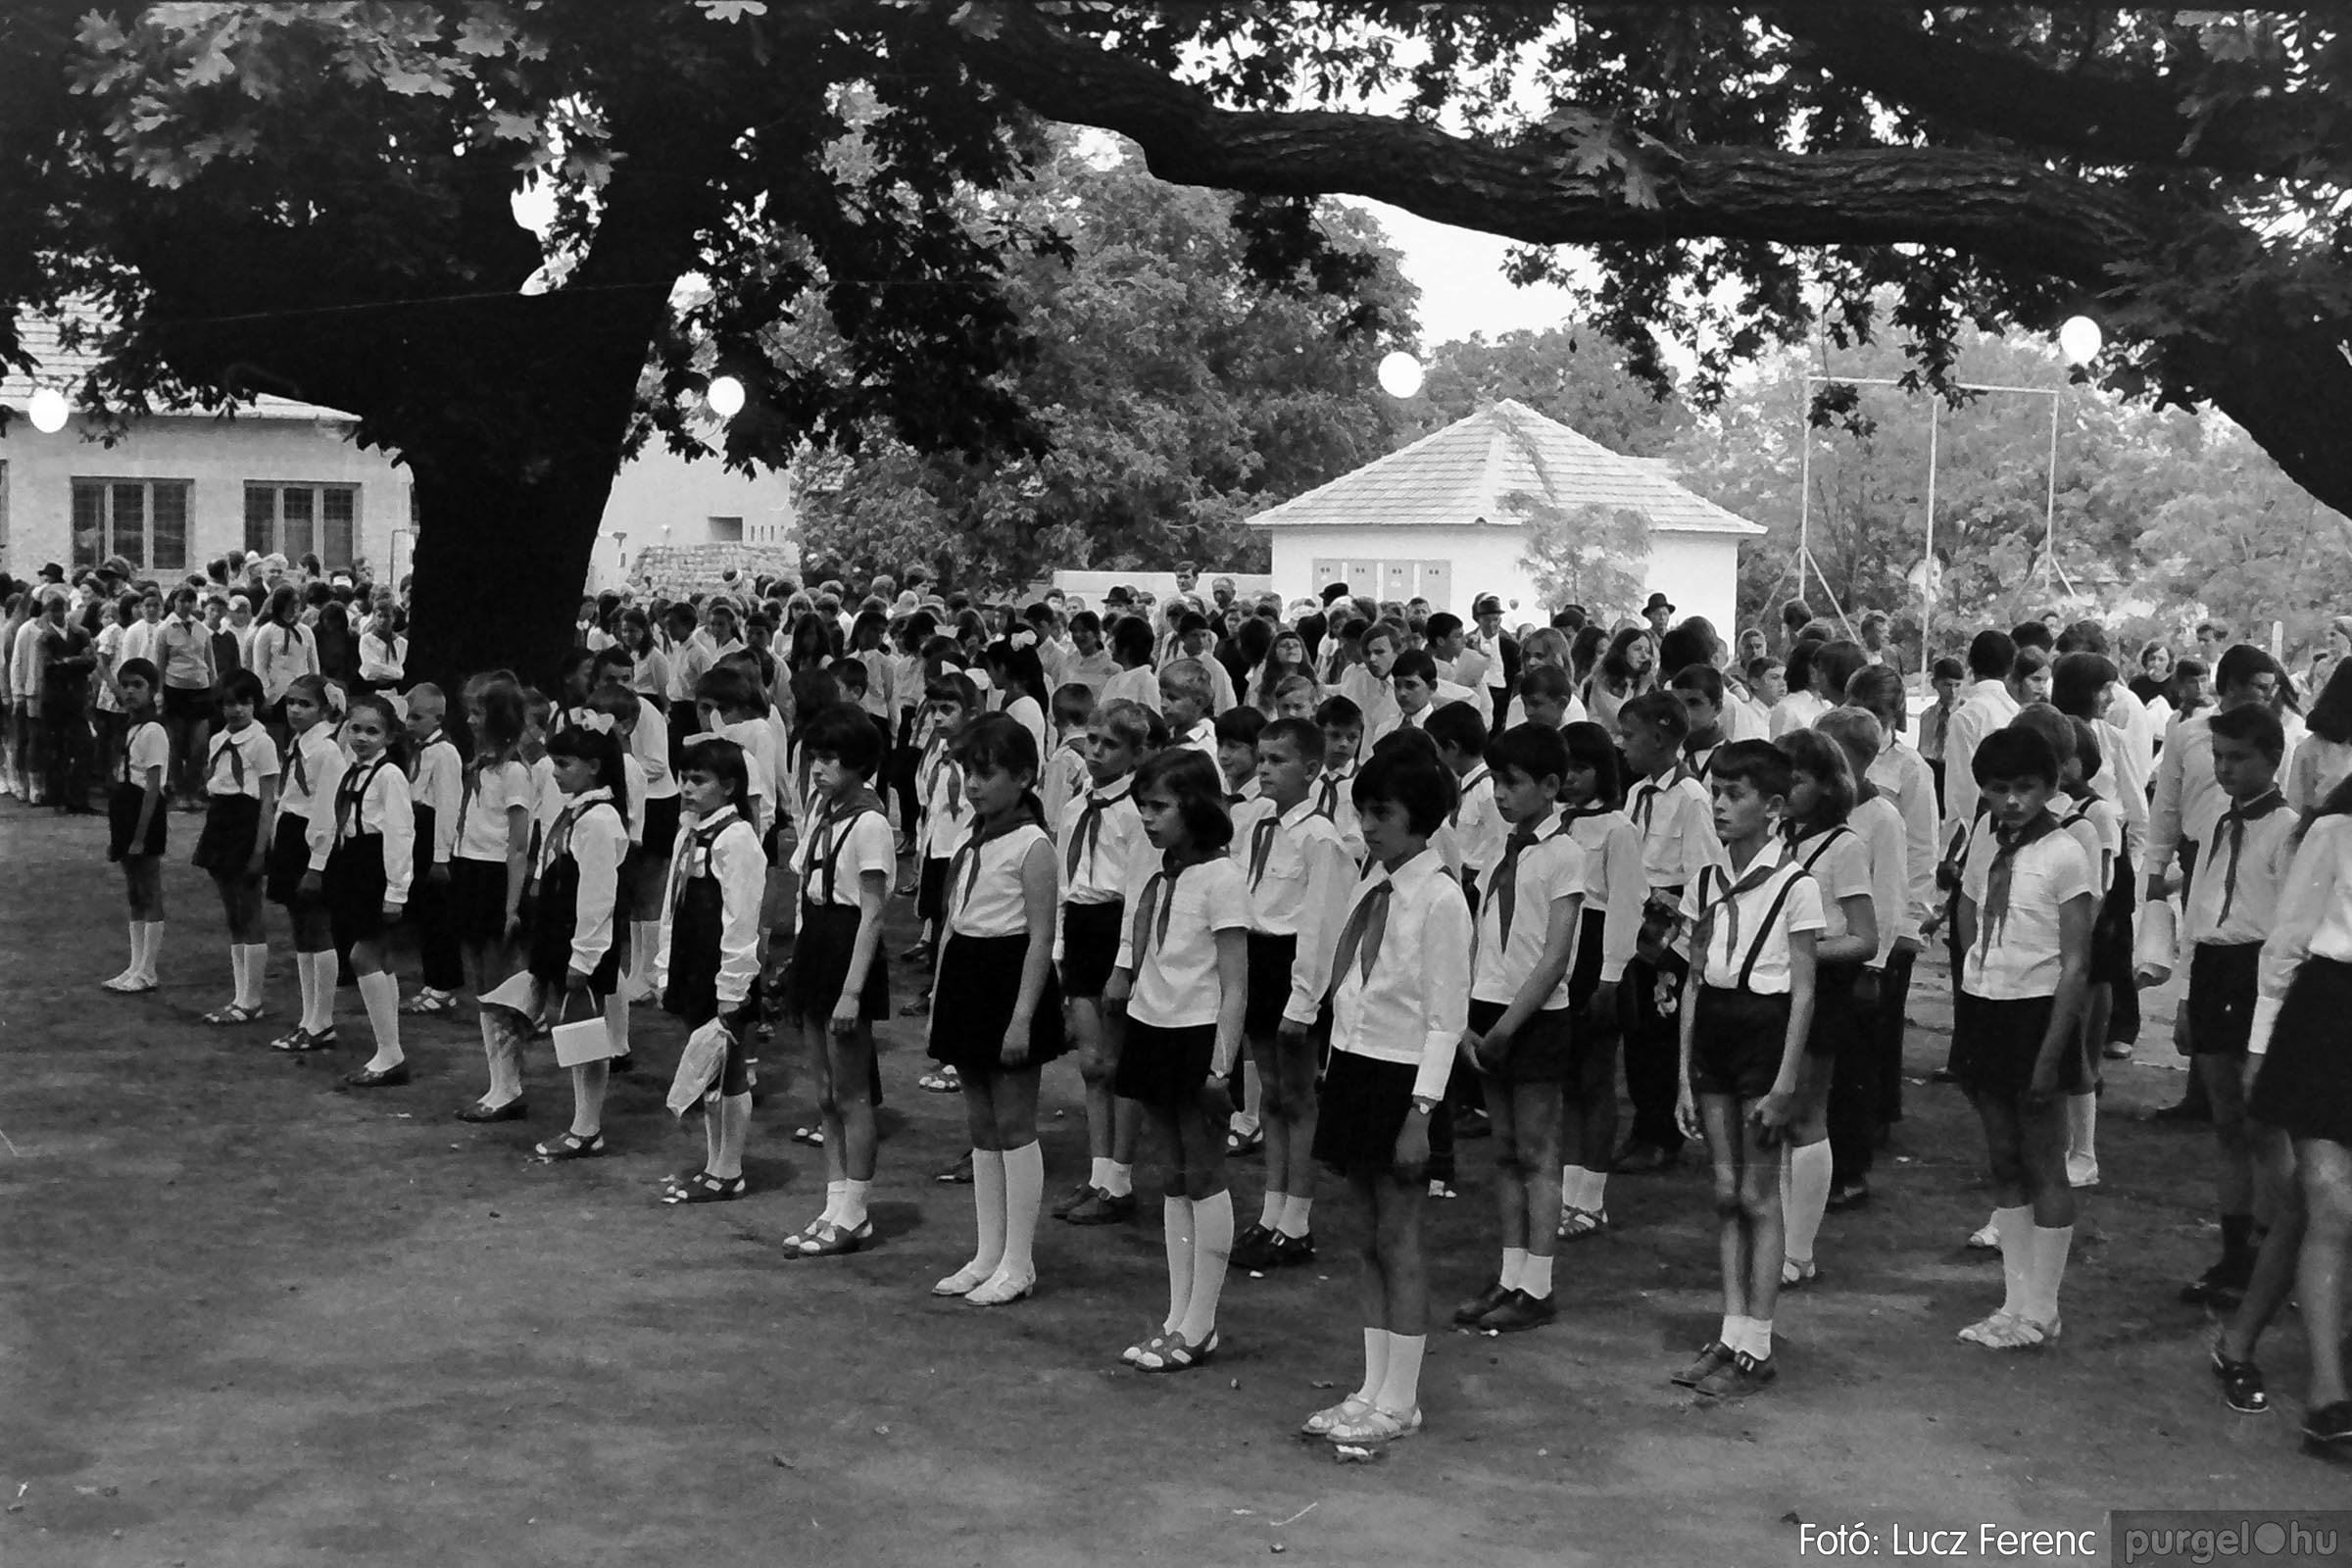 001 1972.05.27. Ballagás a szegvári iskolában 013 - Fotó: Lucz Ferenc - IMG01070q.jpg